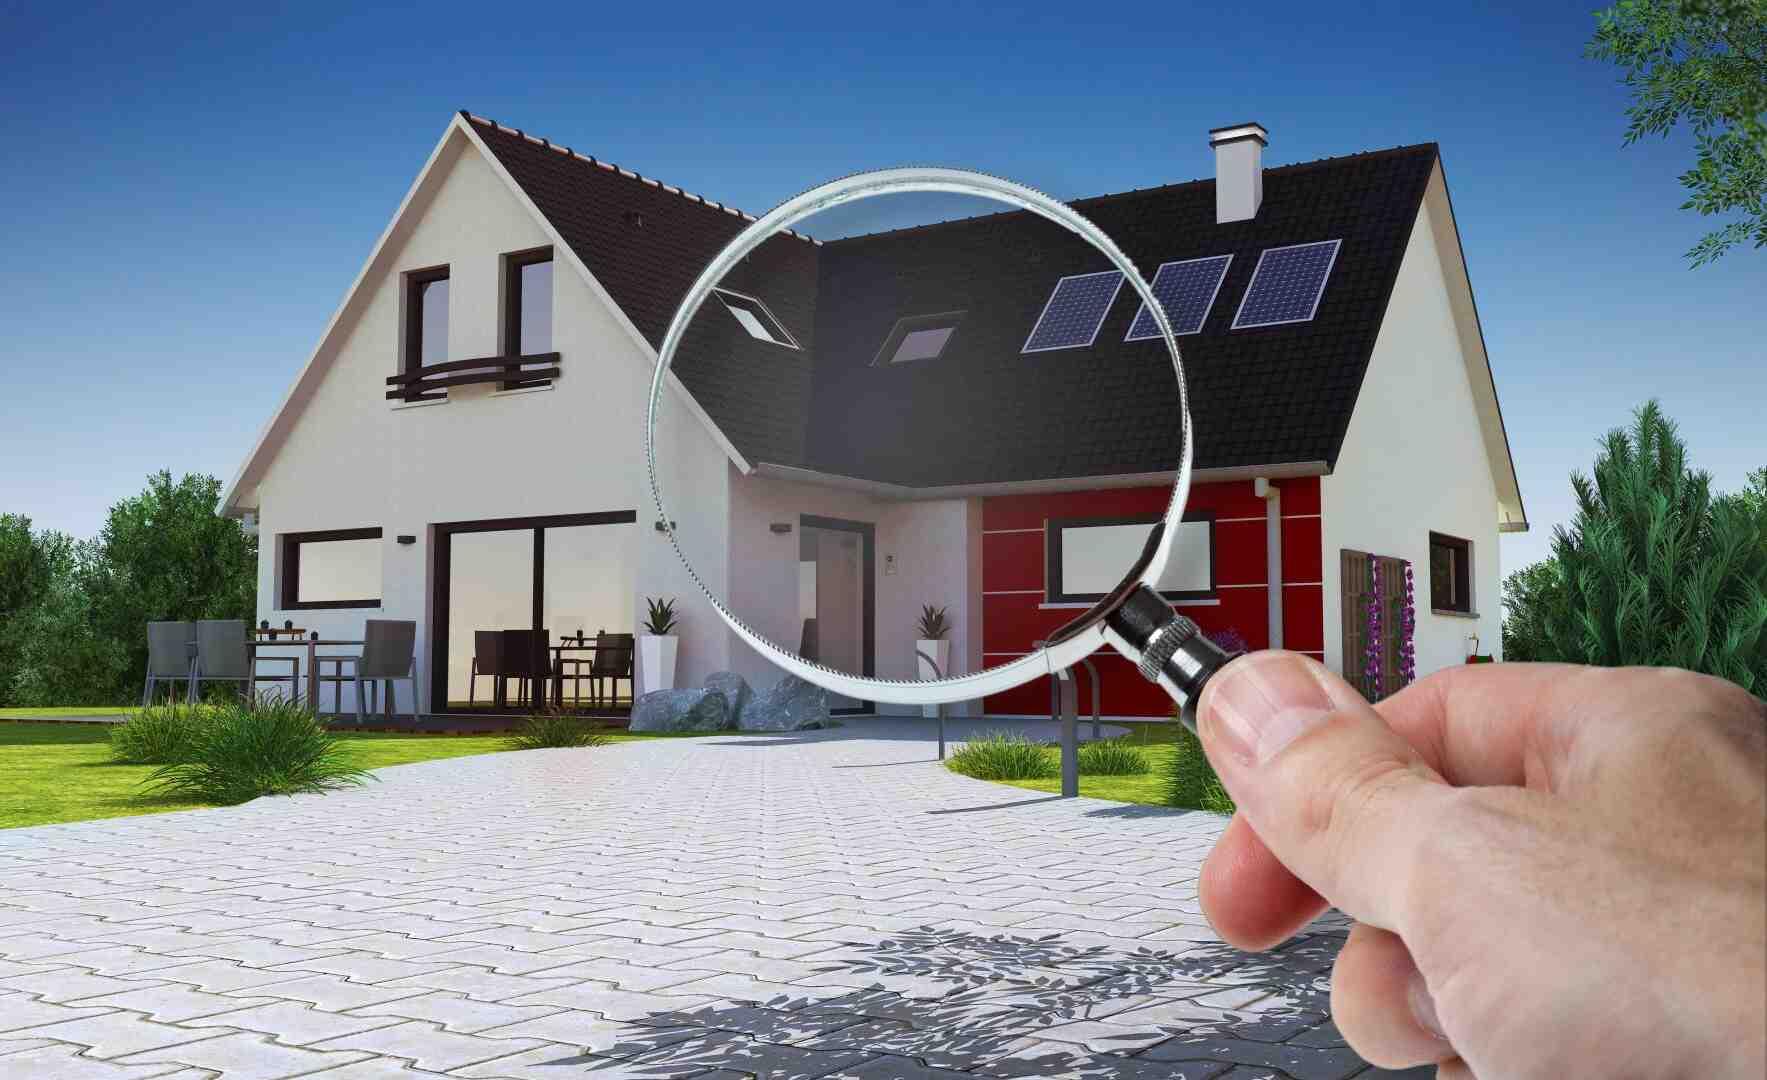 Quelle est la valeur marchande d'une maison?